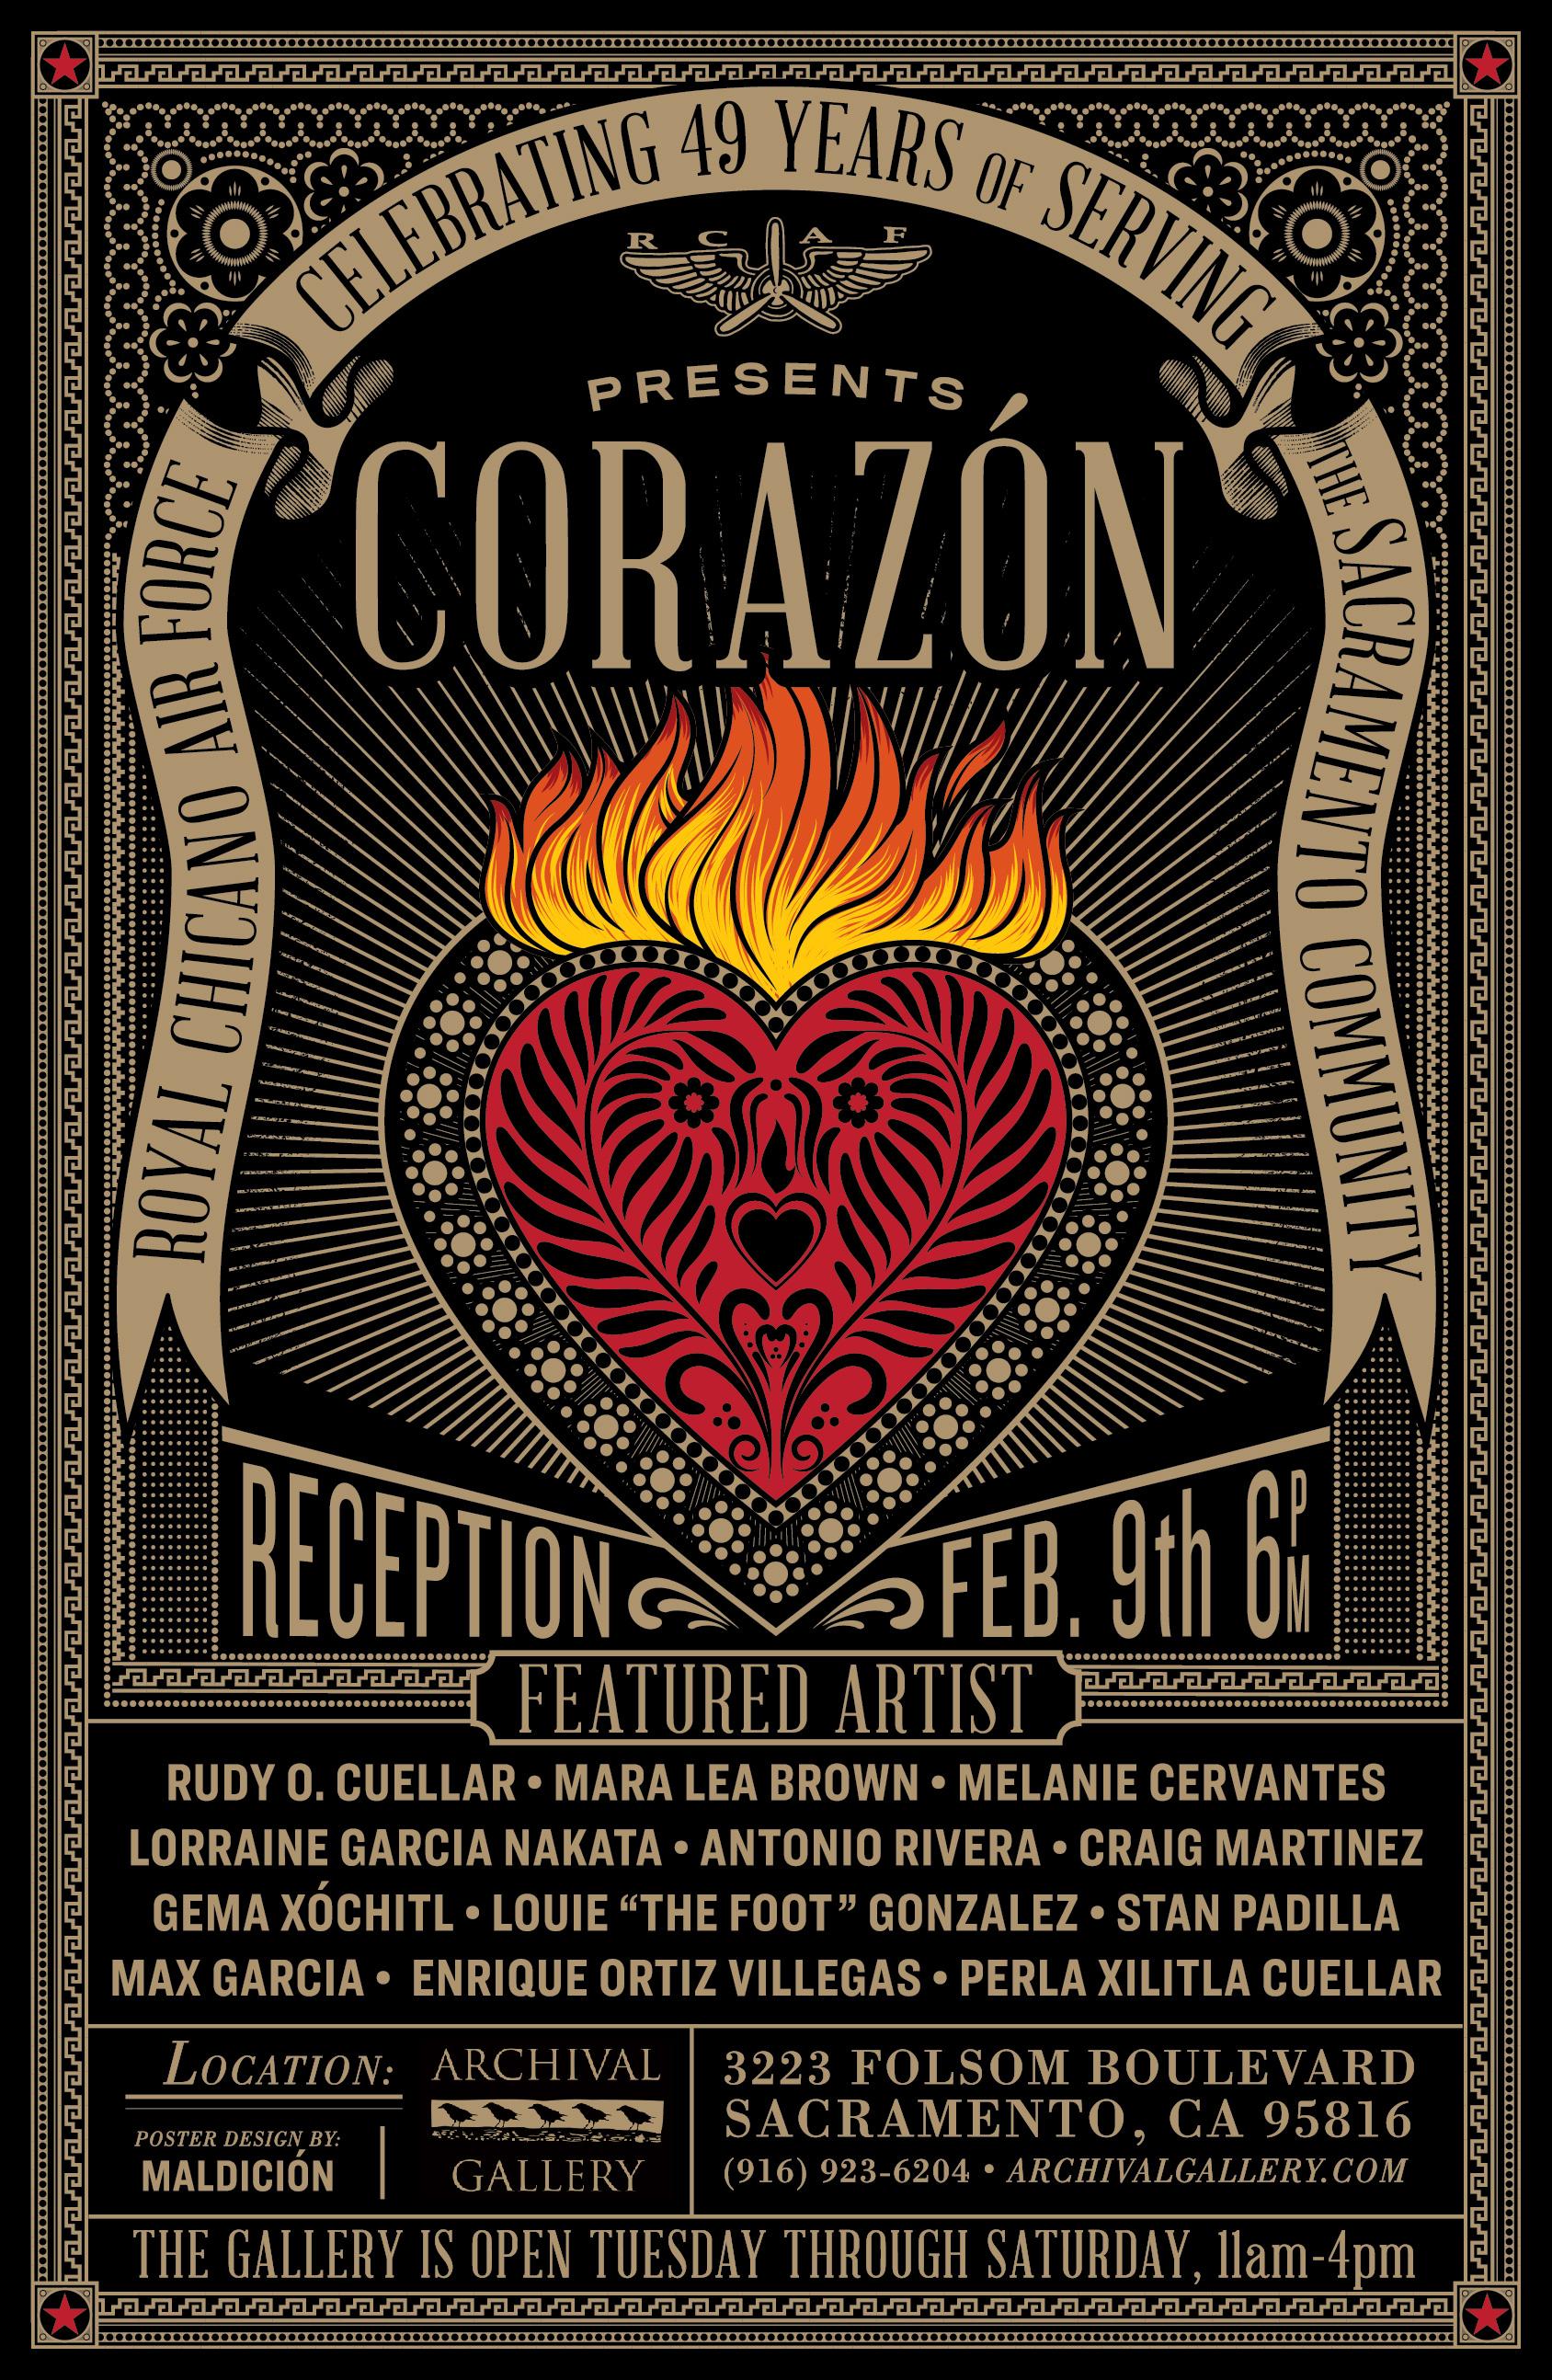 Corazon : RCAF Exhibition Flyer 2019